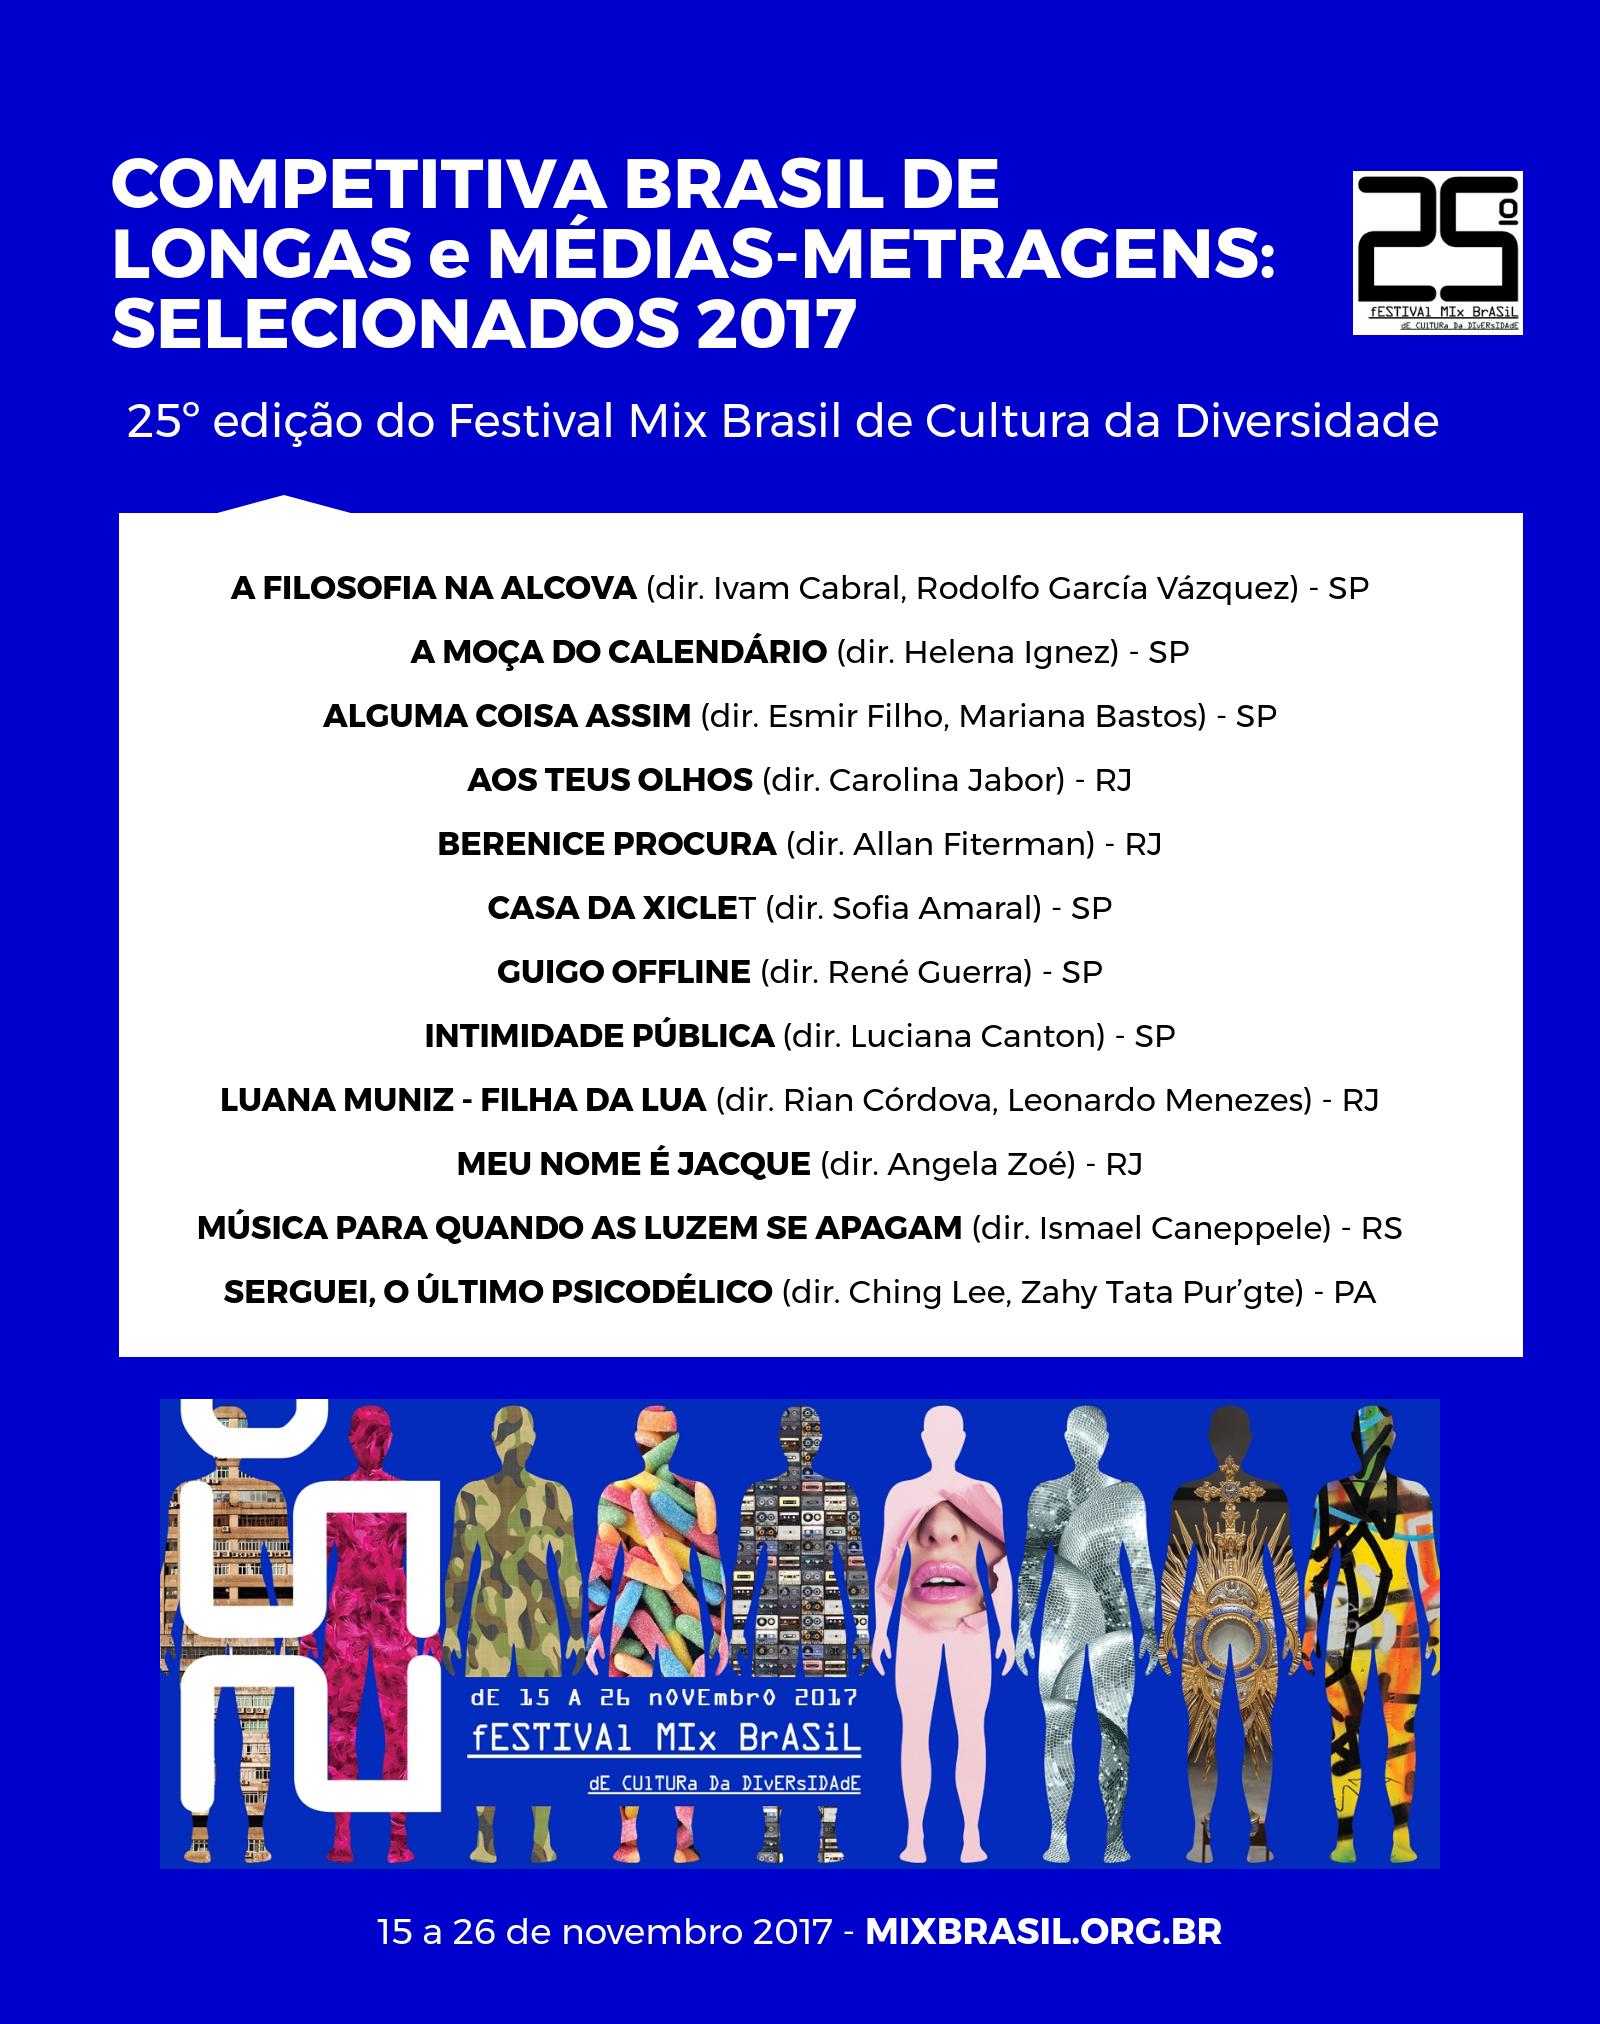 Festival Mix Brasil 2017